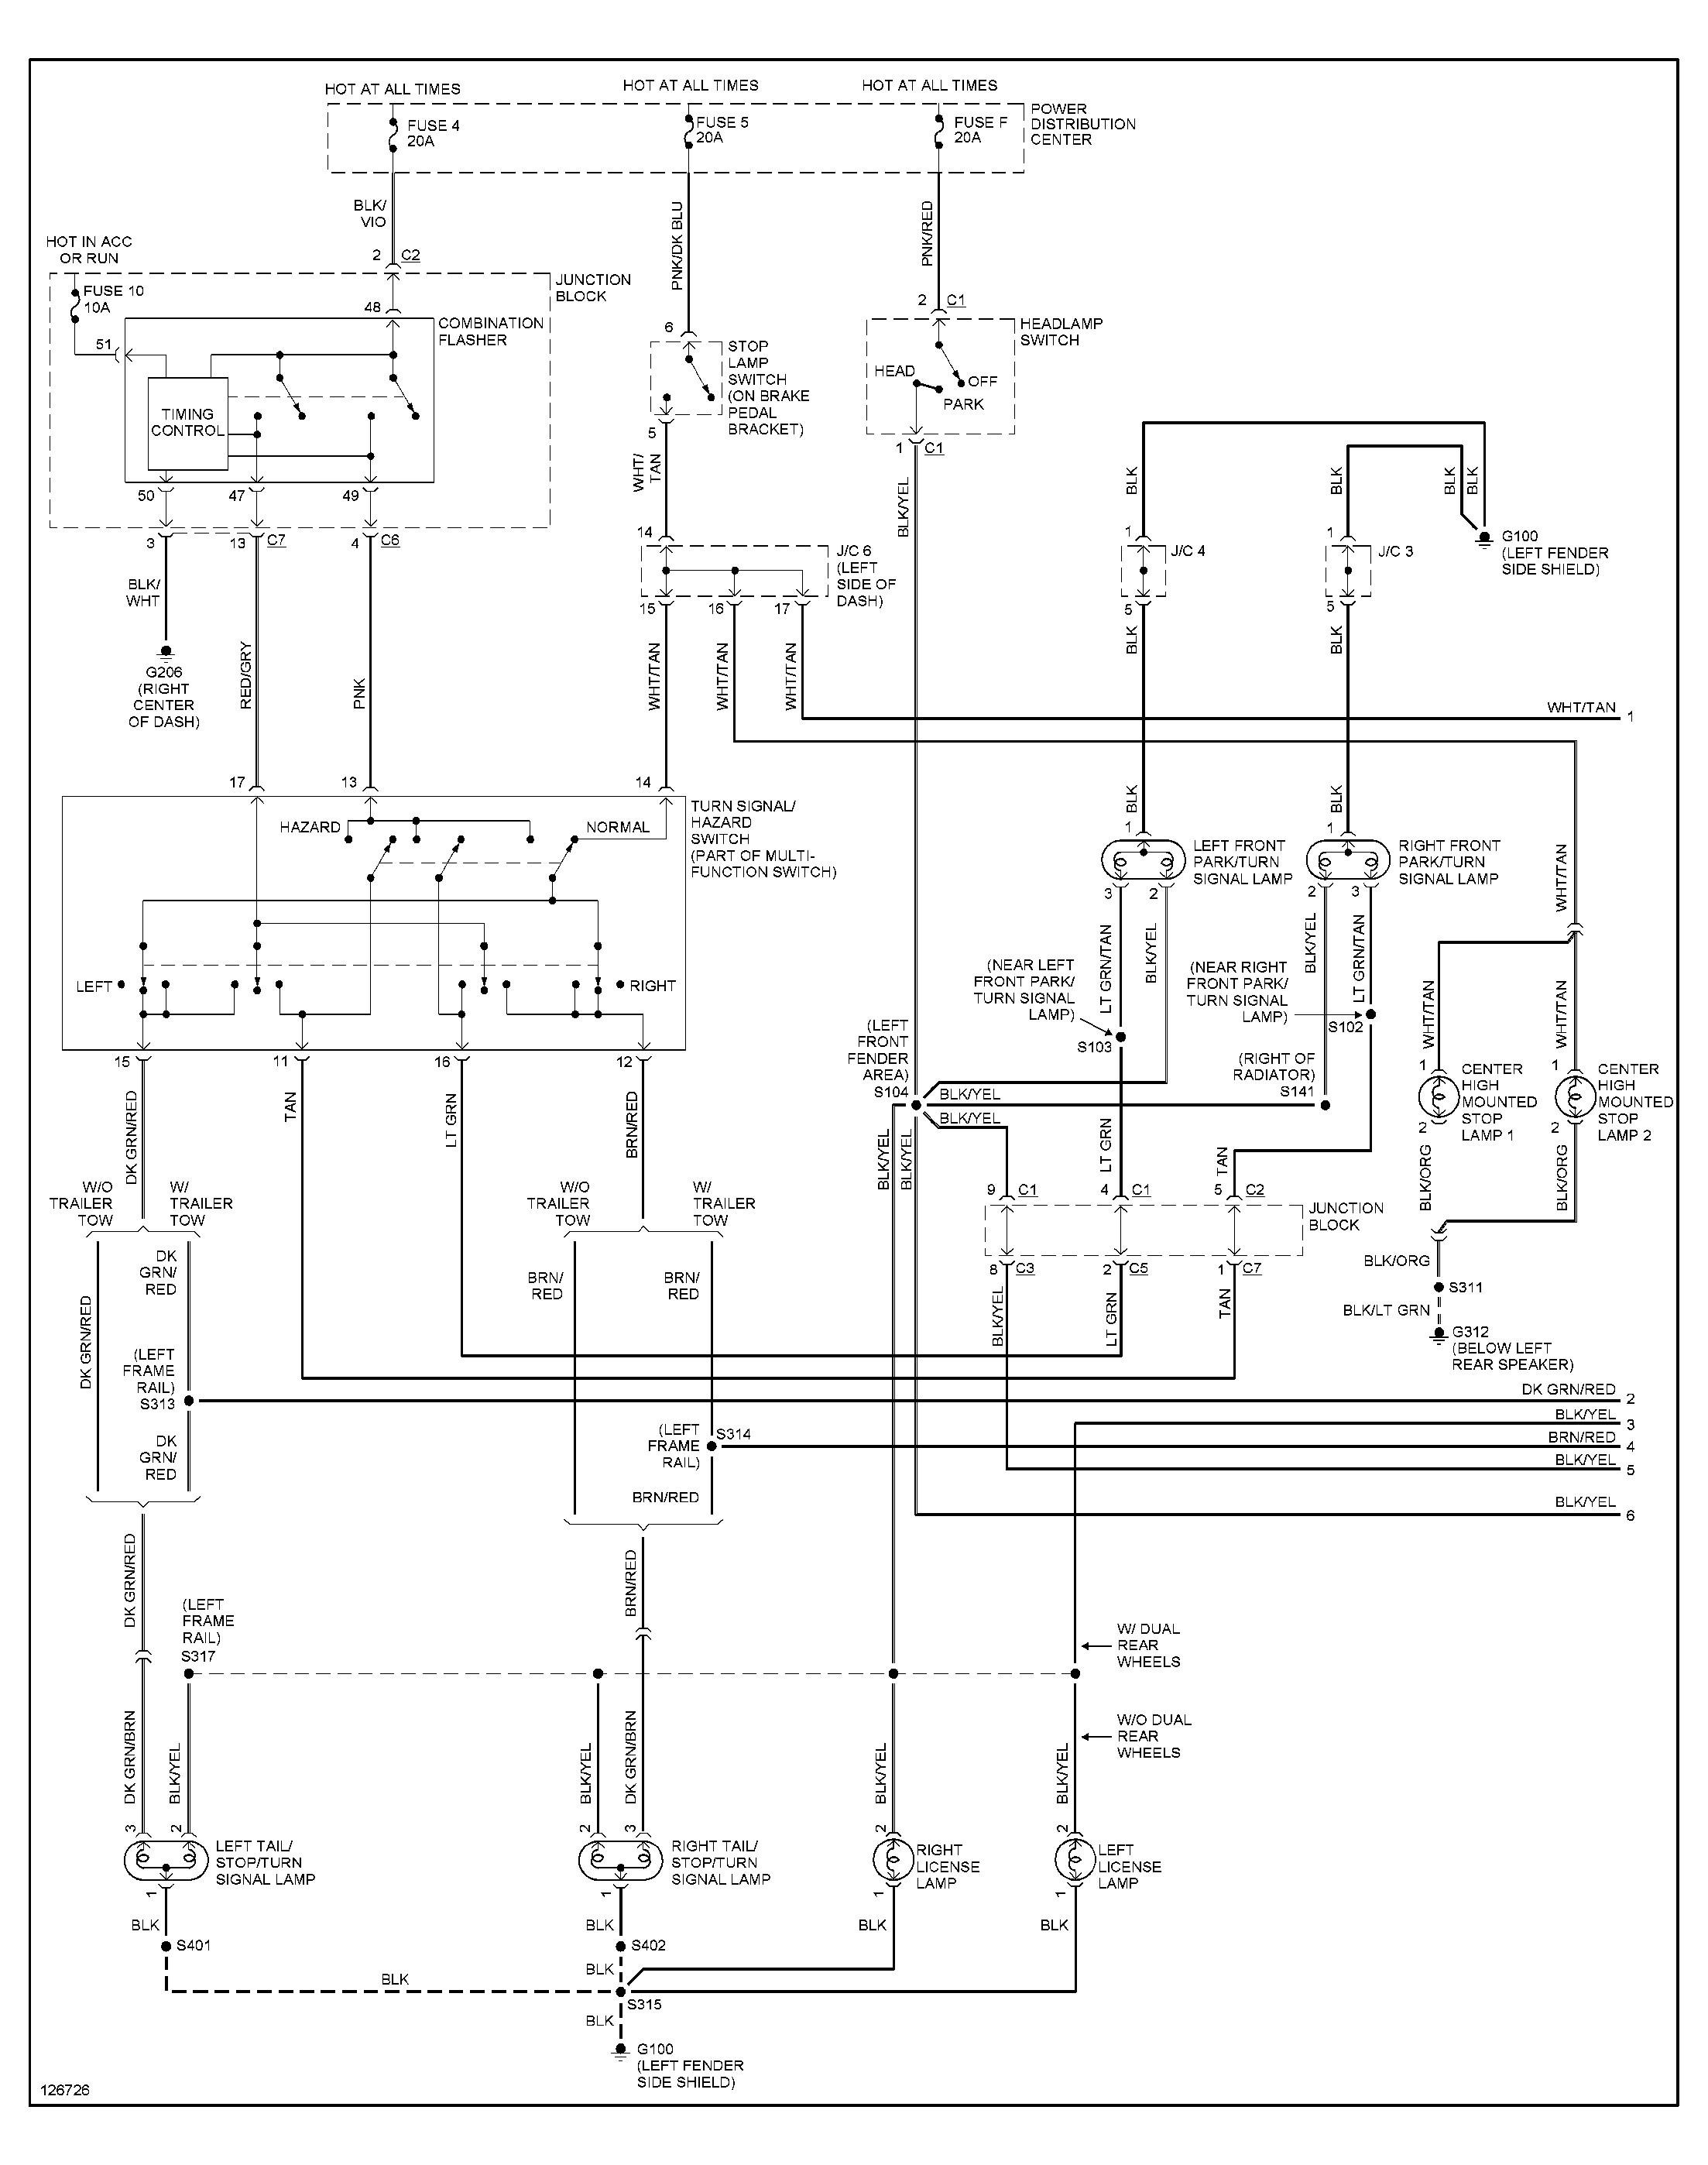 Tail Light Wiring Diagram Wiring Diagram Turn Signals and Brake Lights Fresh Ram Circuit Of Tail Light Wiring Diagram